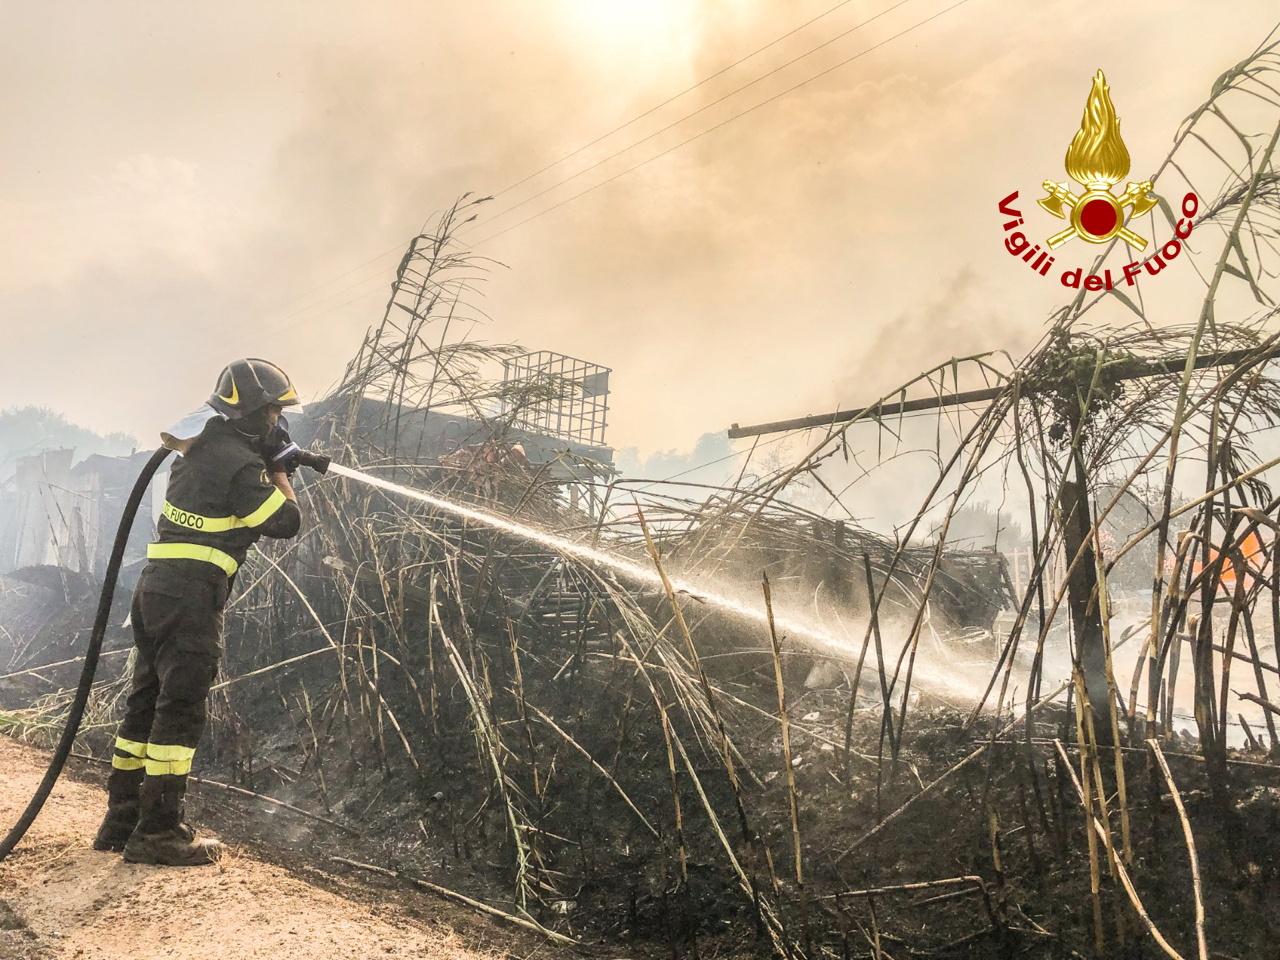 Η Ελλάδα στέλνει στην Ιταλία δύο Canadair CL-415 για τις φωτιές στην Σαρδηνία